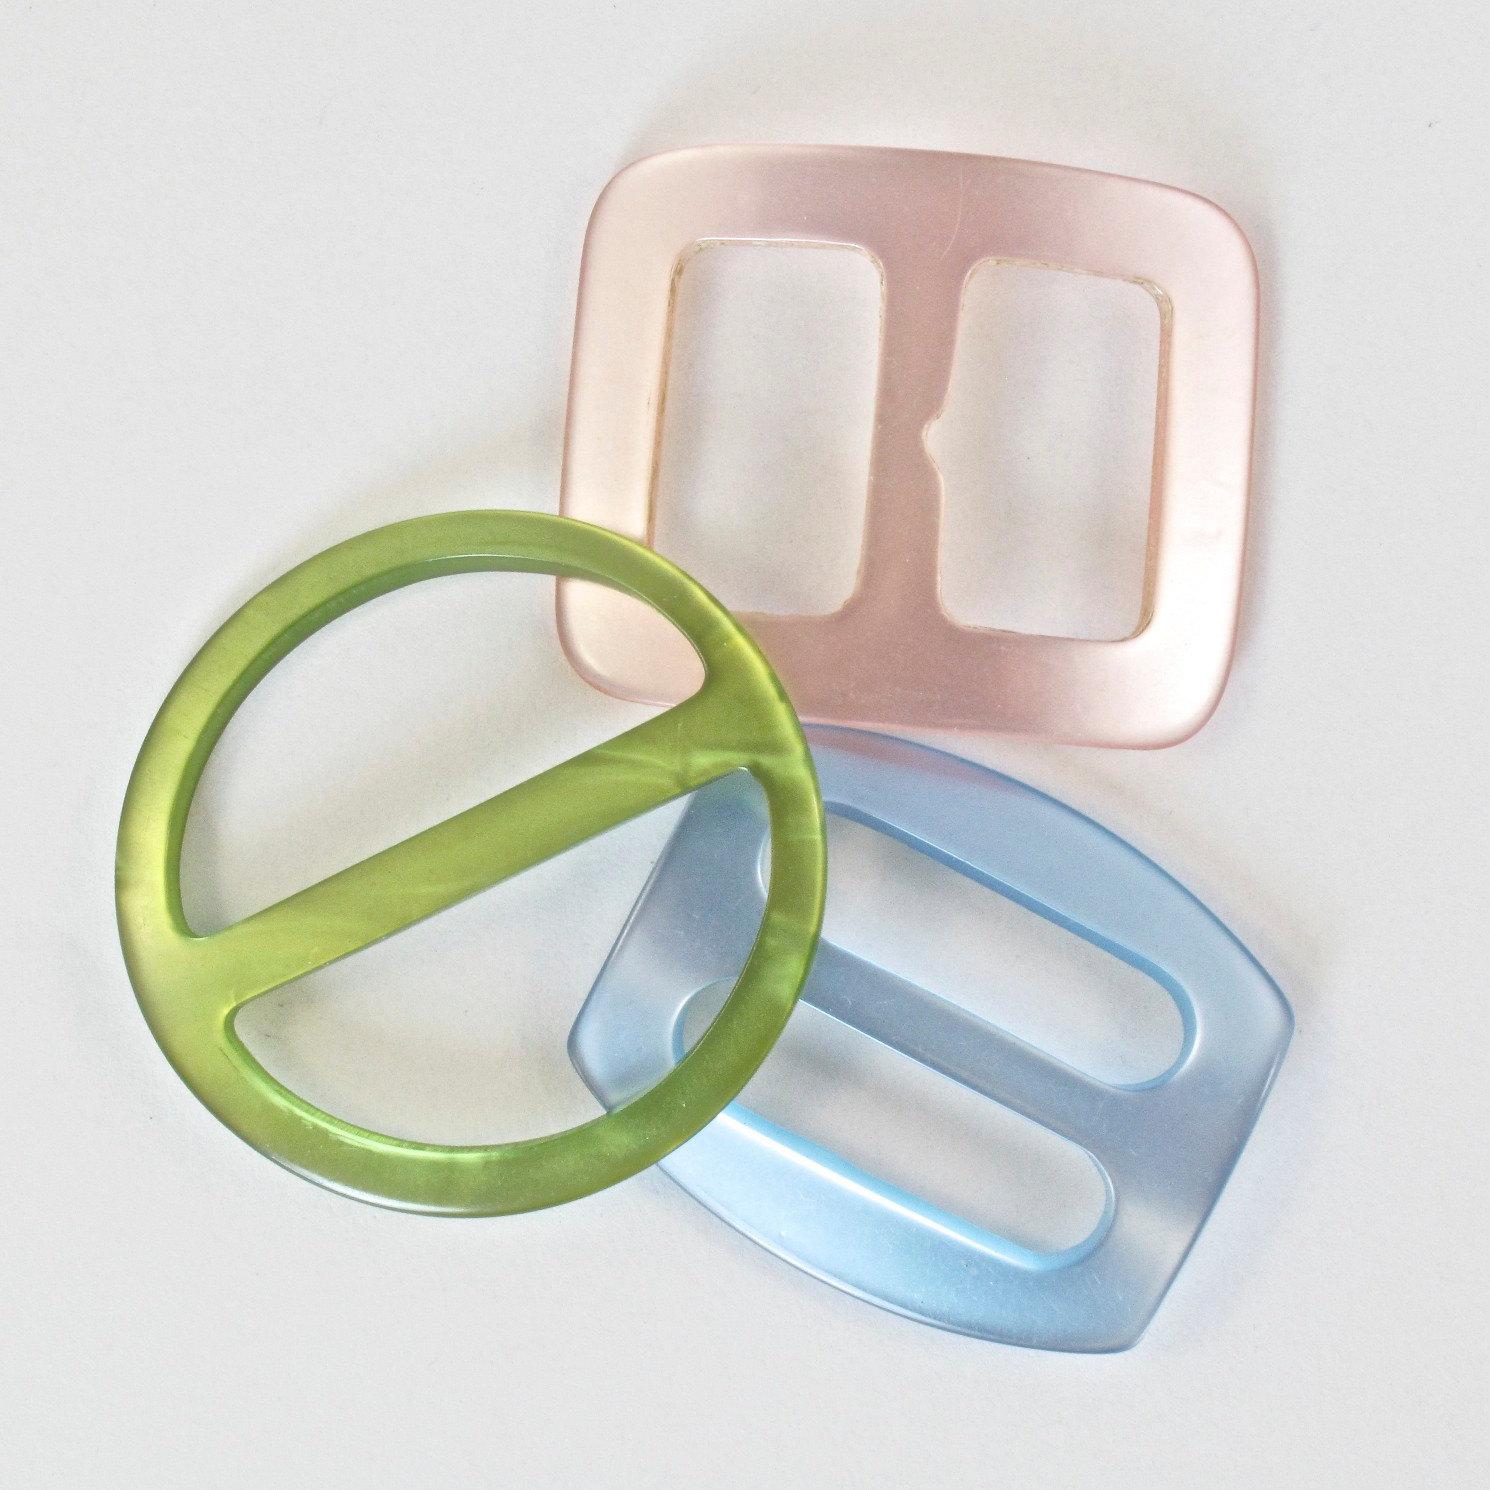 Reserved 3 Vintage Plastic Belt Buckles Green Pink Blue